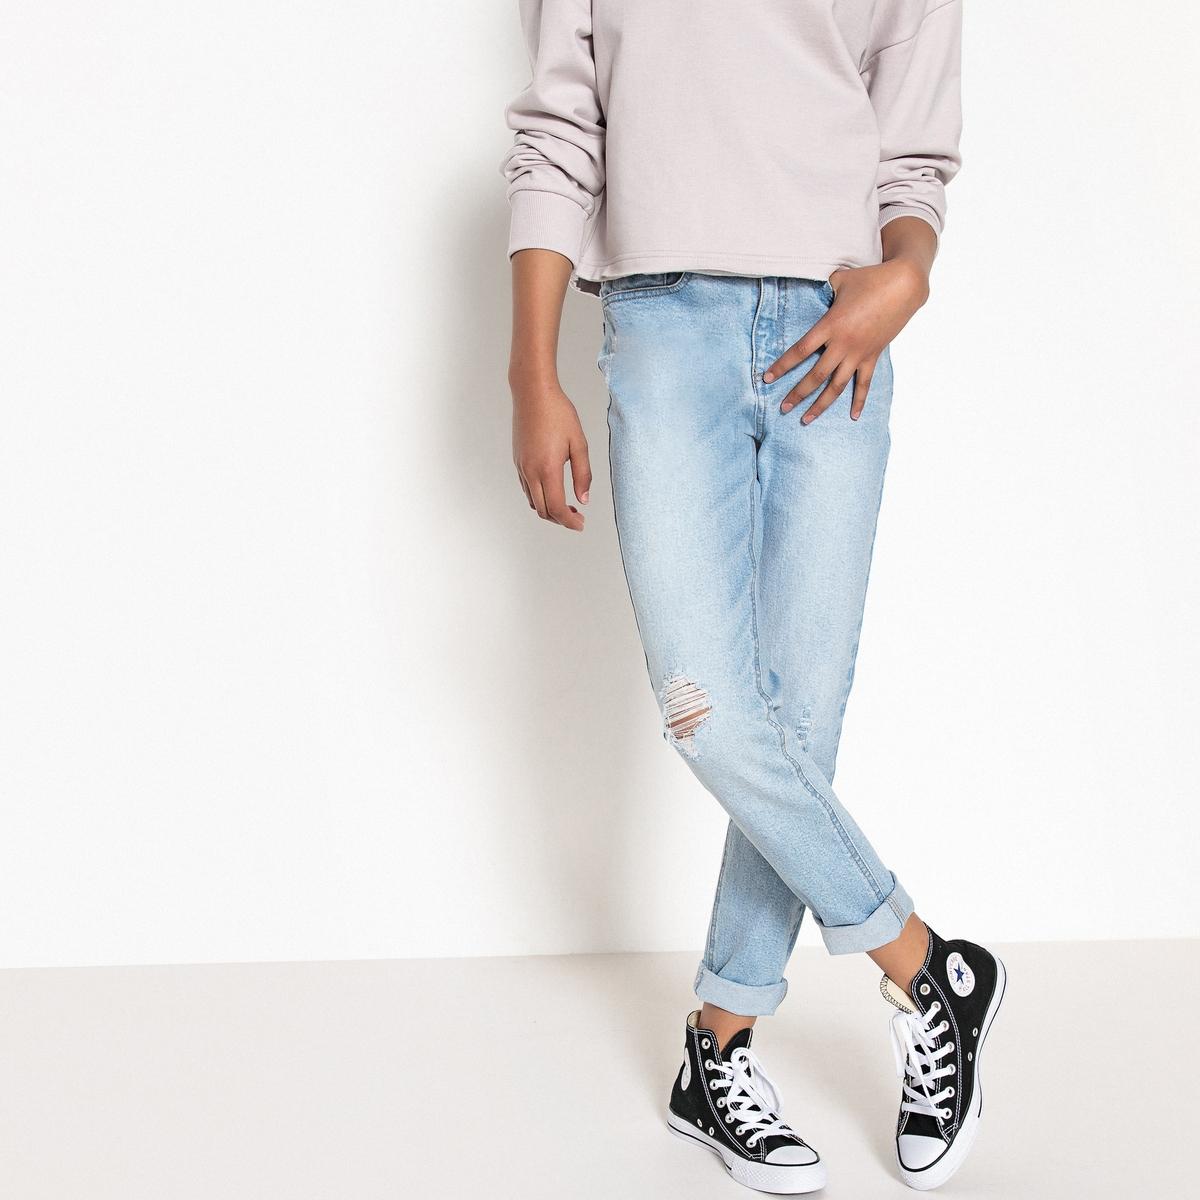 Джинсы узкие рваные с высокой талией, 10-16 лет джинсы узкие для 8 16 лет